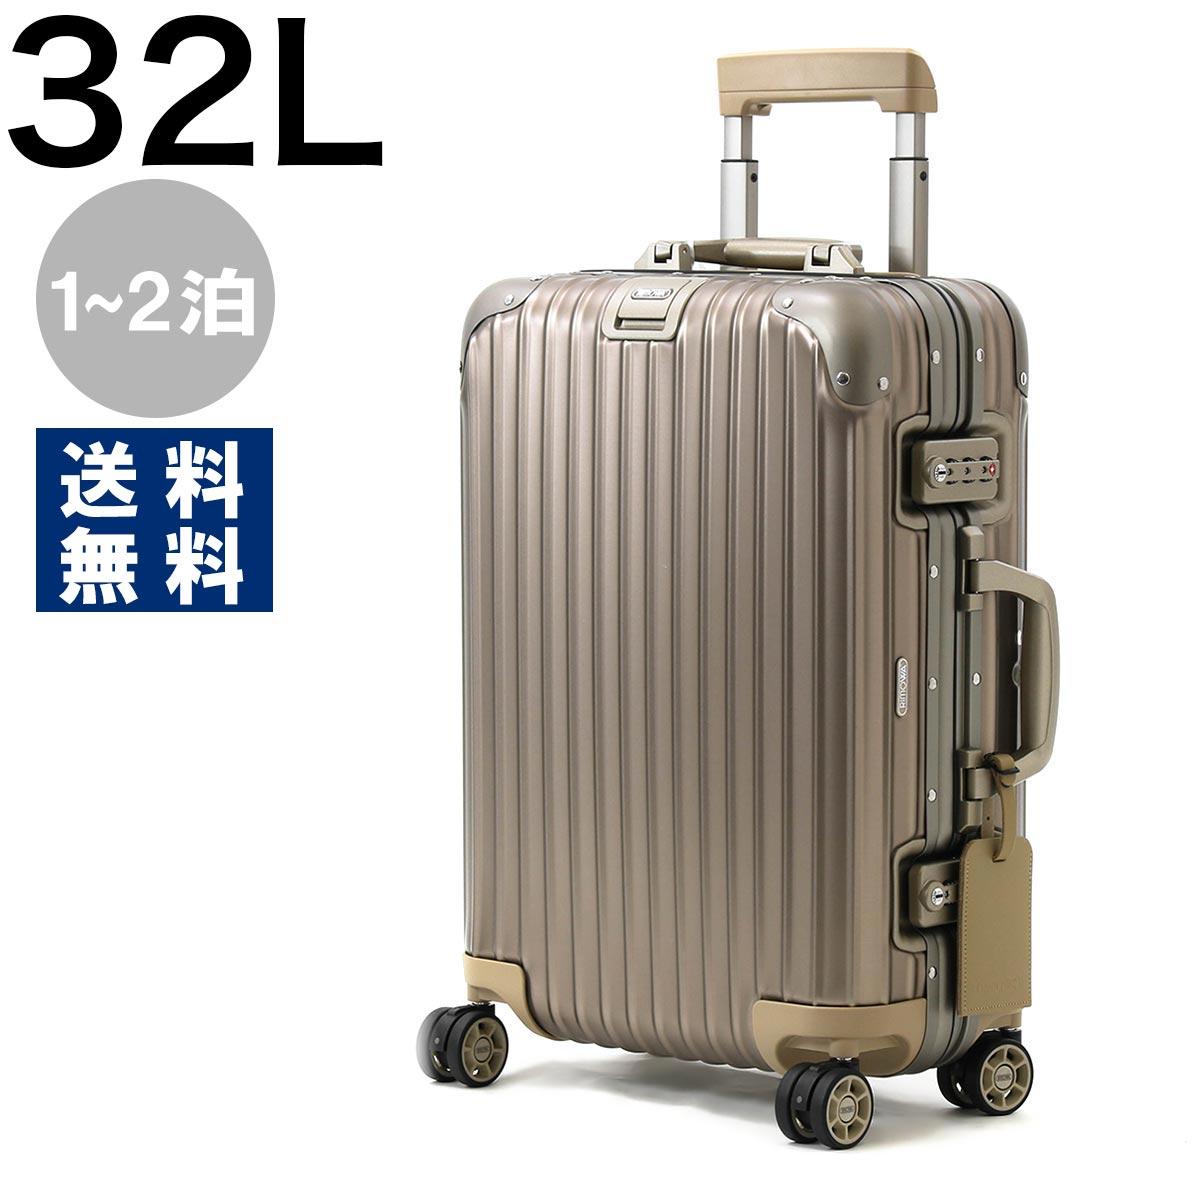 リモワ スーツケース/旅行用バッグ バッグ メンズ レディース トパーズ チタニウム キャビン 32L 1~2泊 シャンパンゴールド 923.52.03.4 RIMOWA